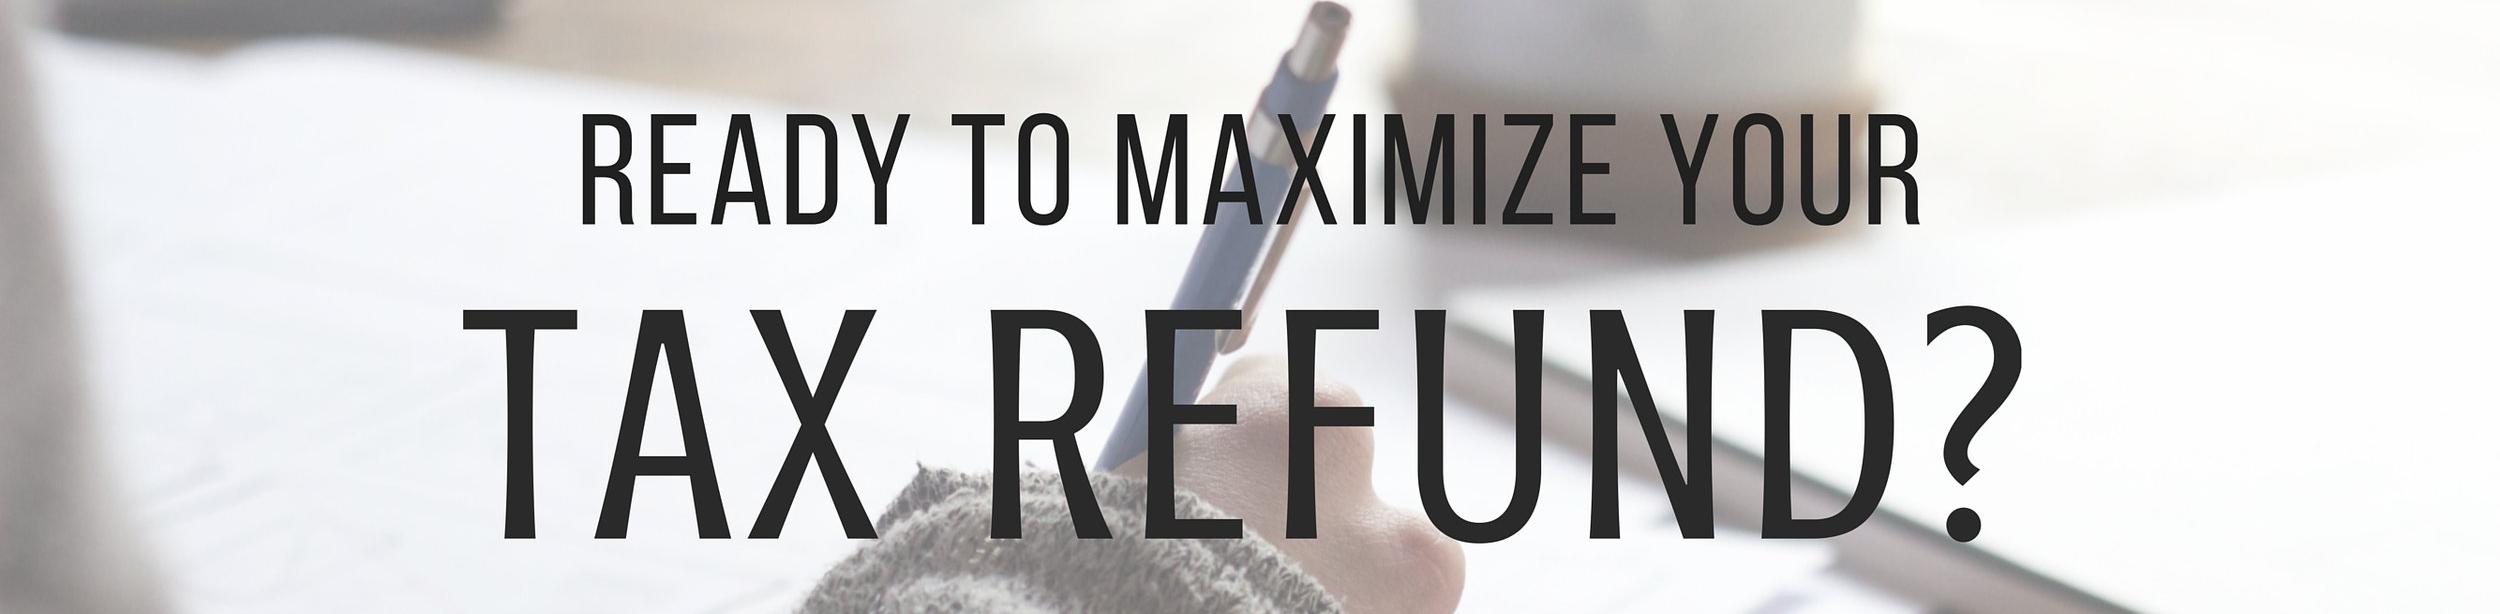 Tax Refund Header.jpg